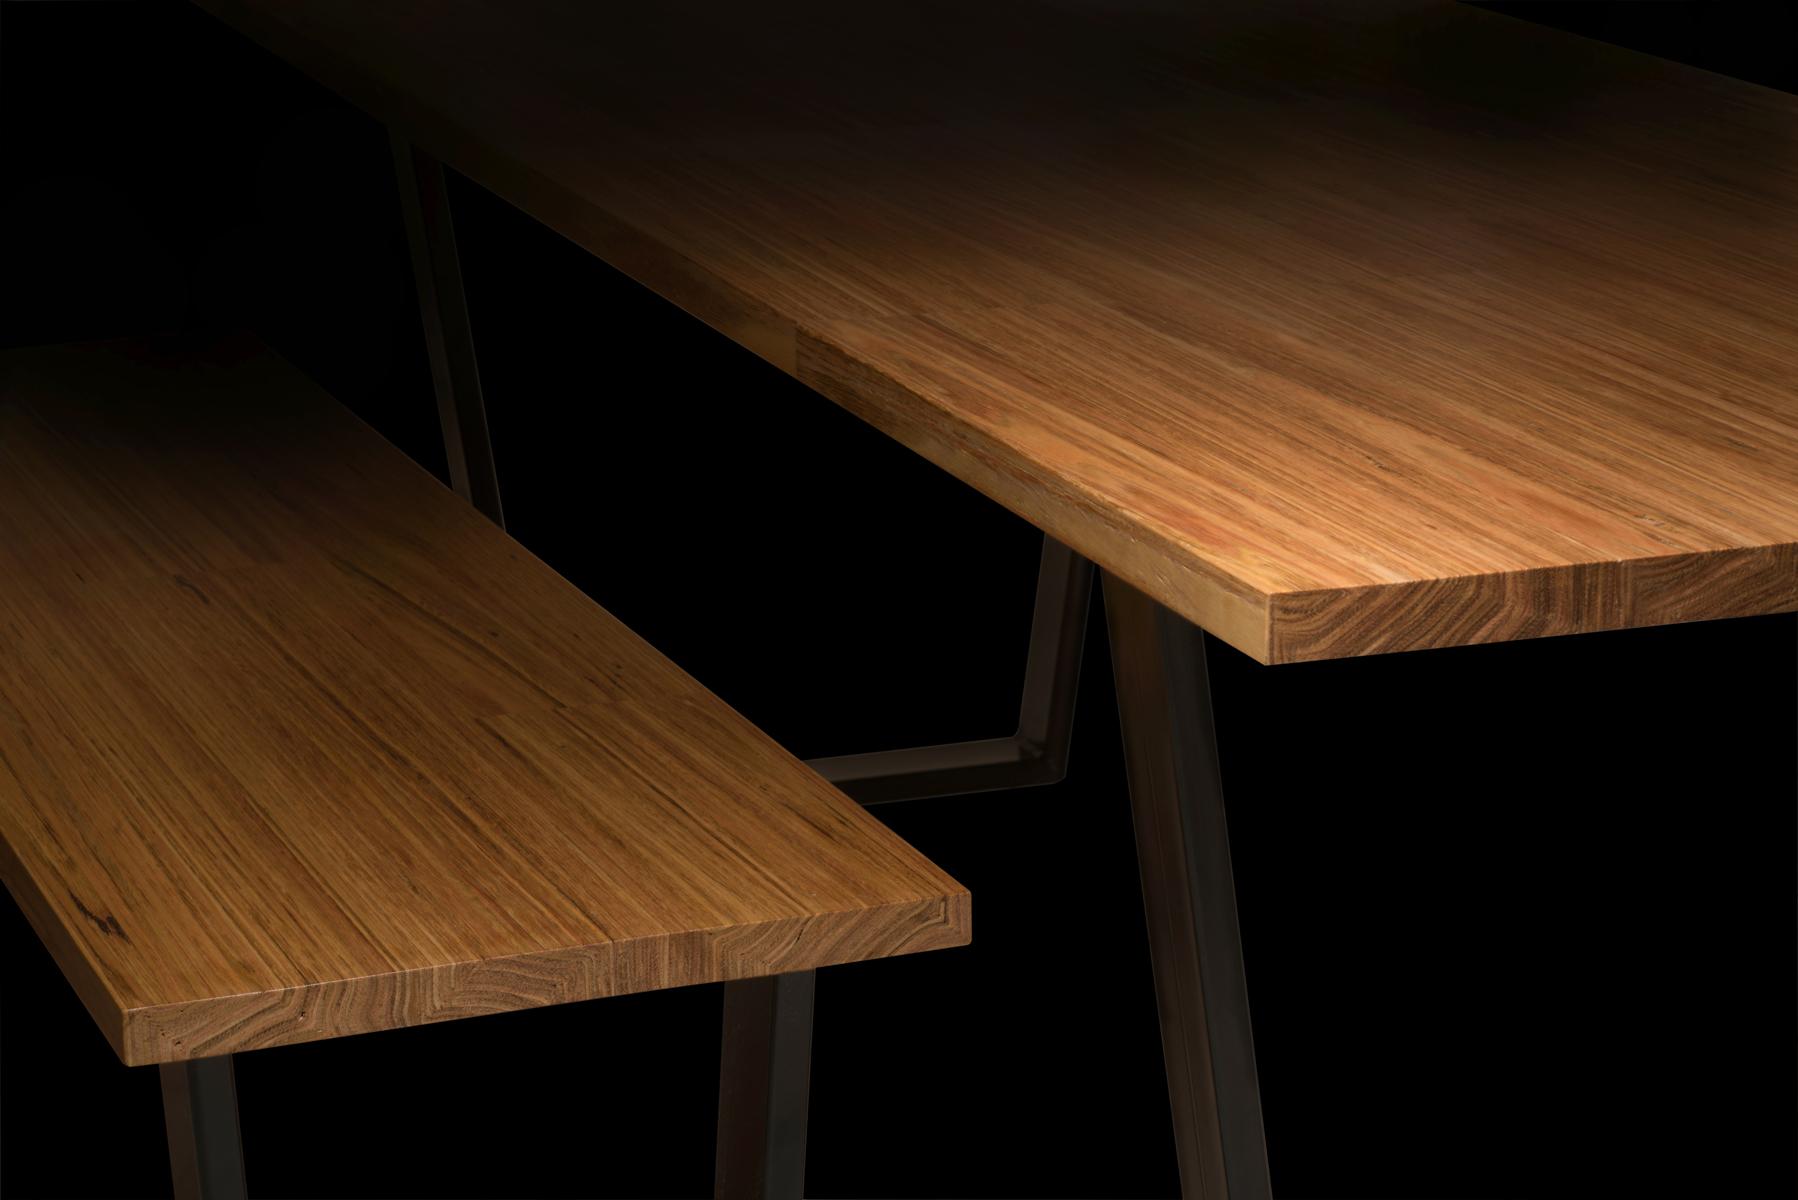 Table_A.jpg